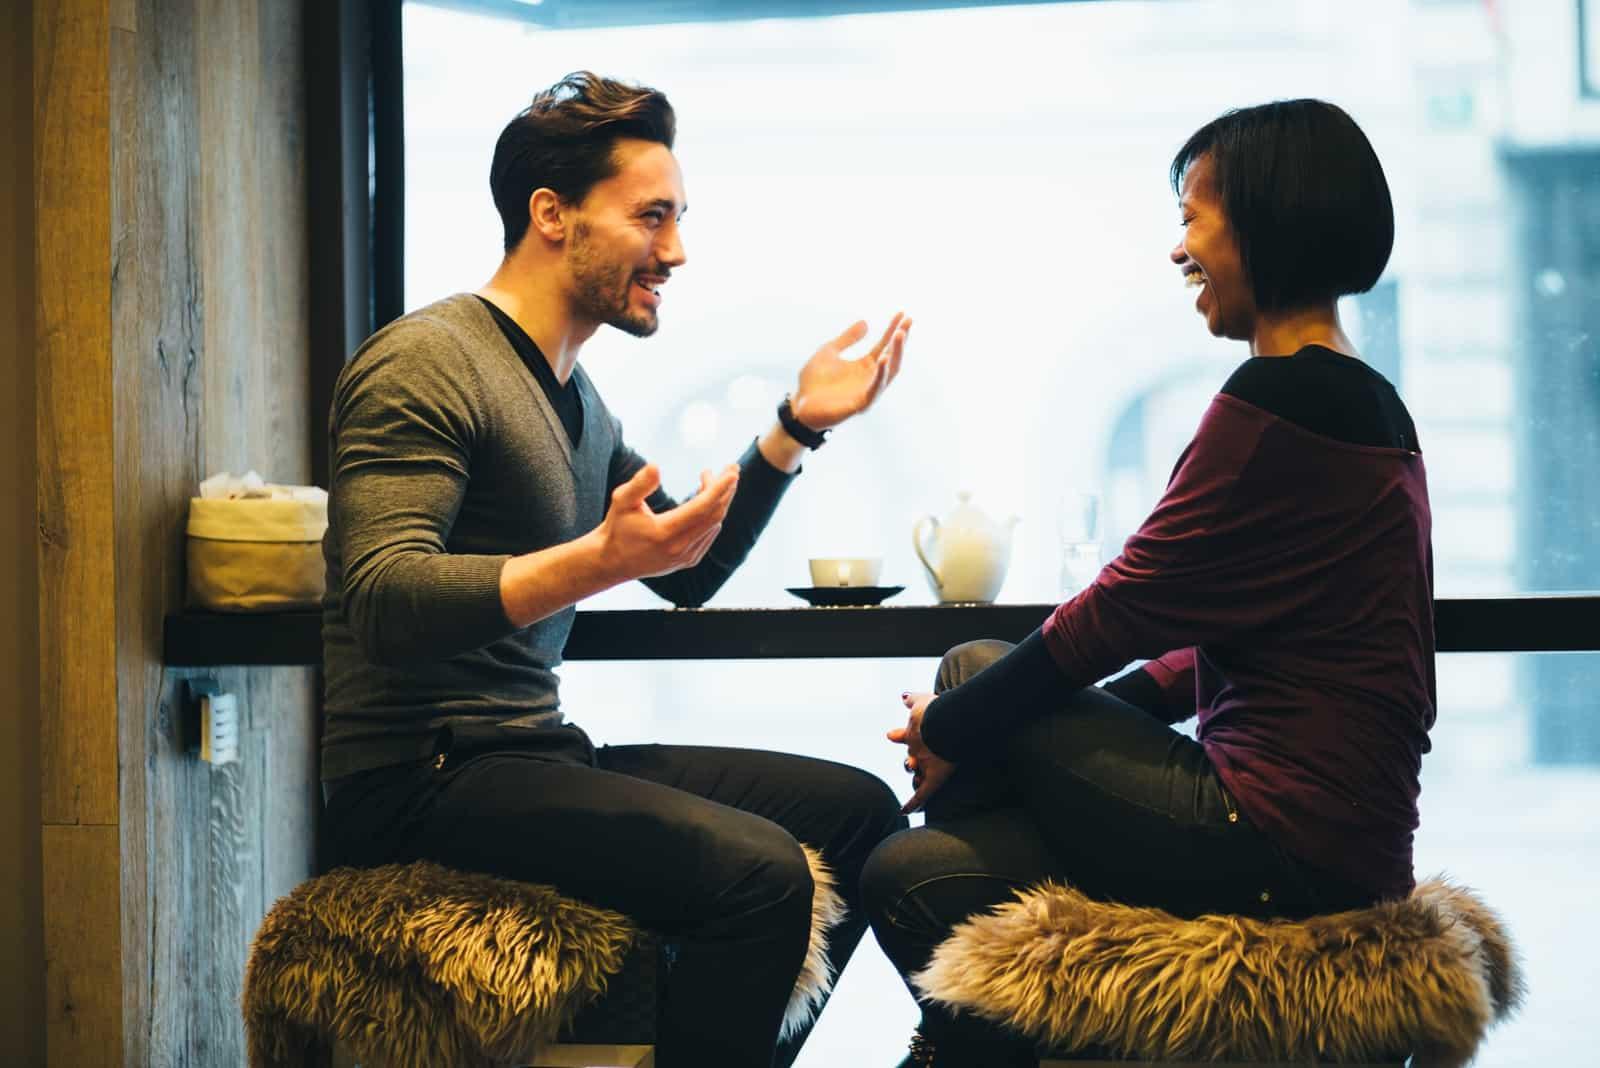 homme parlant à une femme assise dans un café